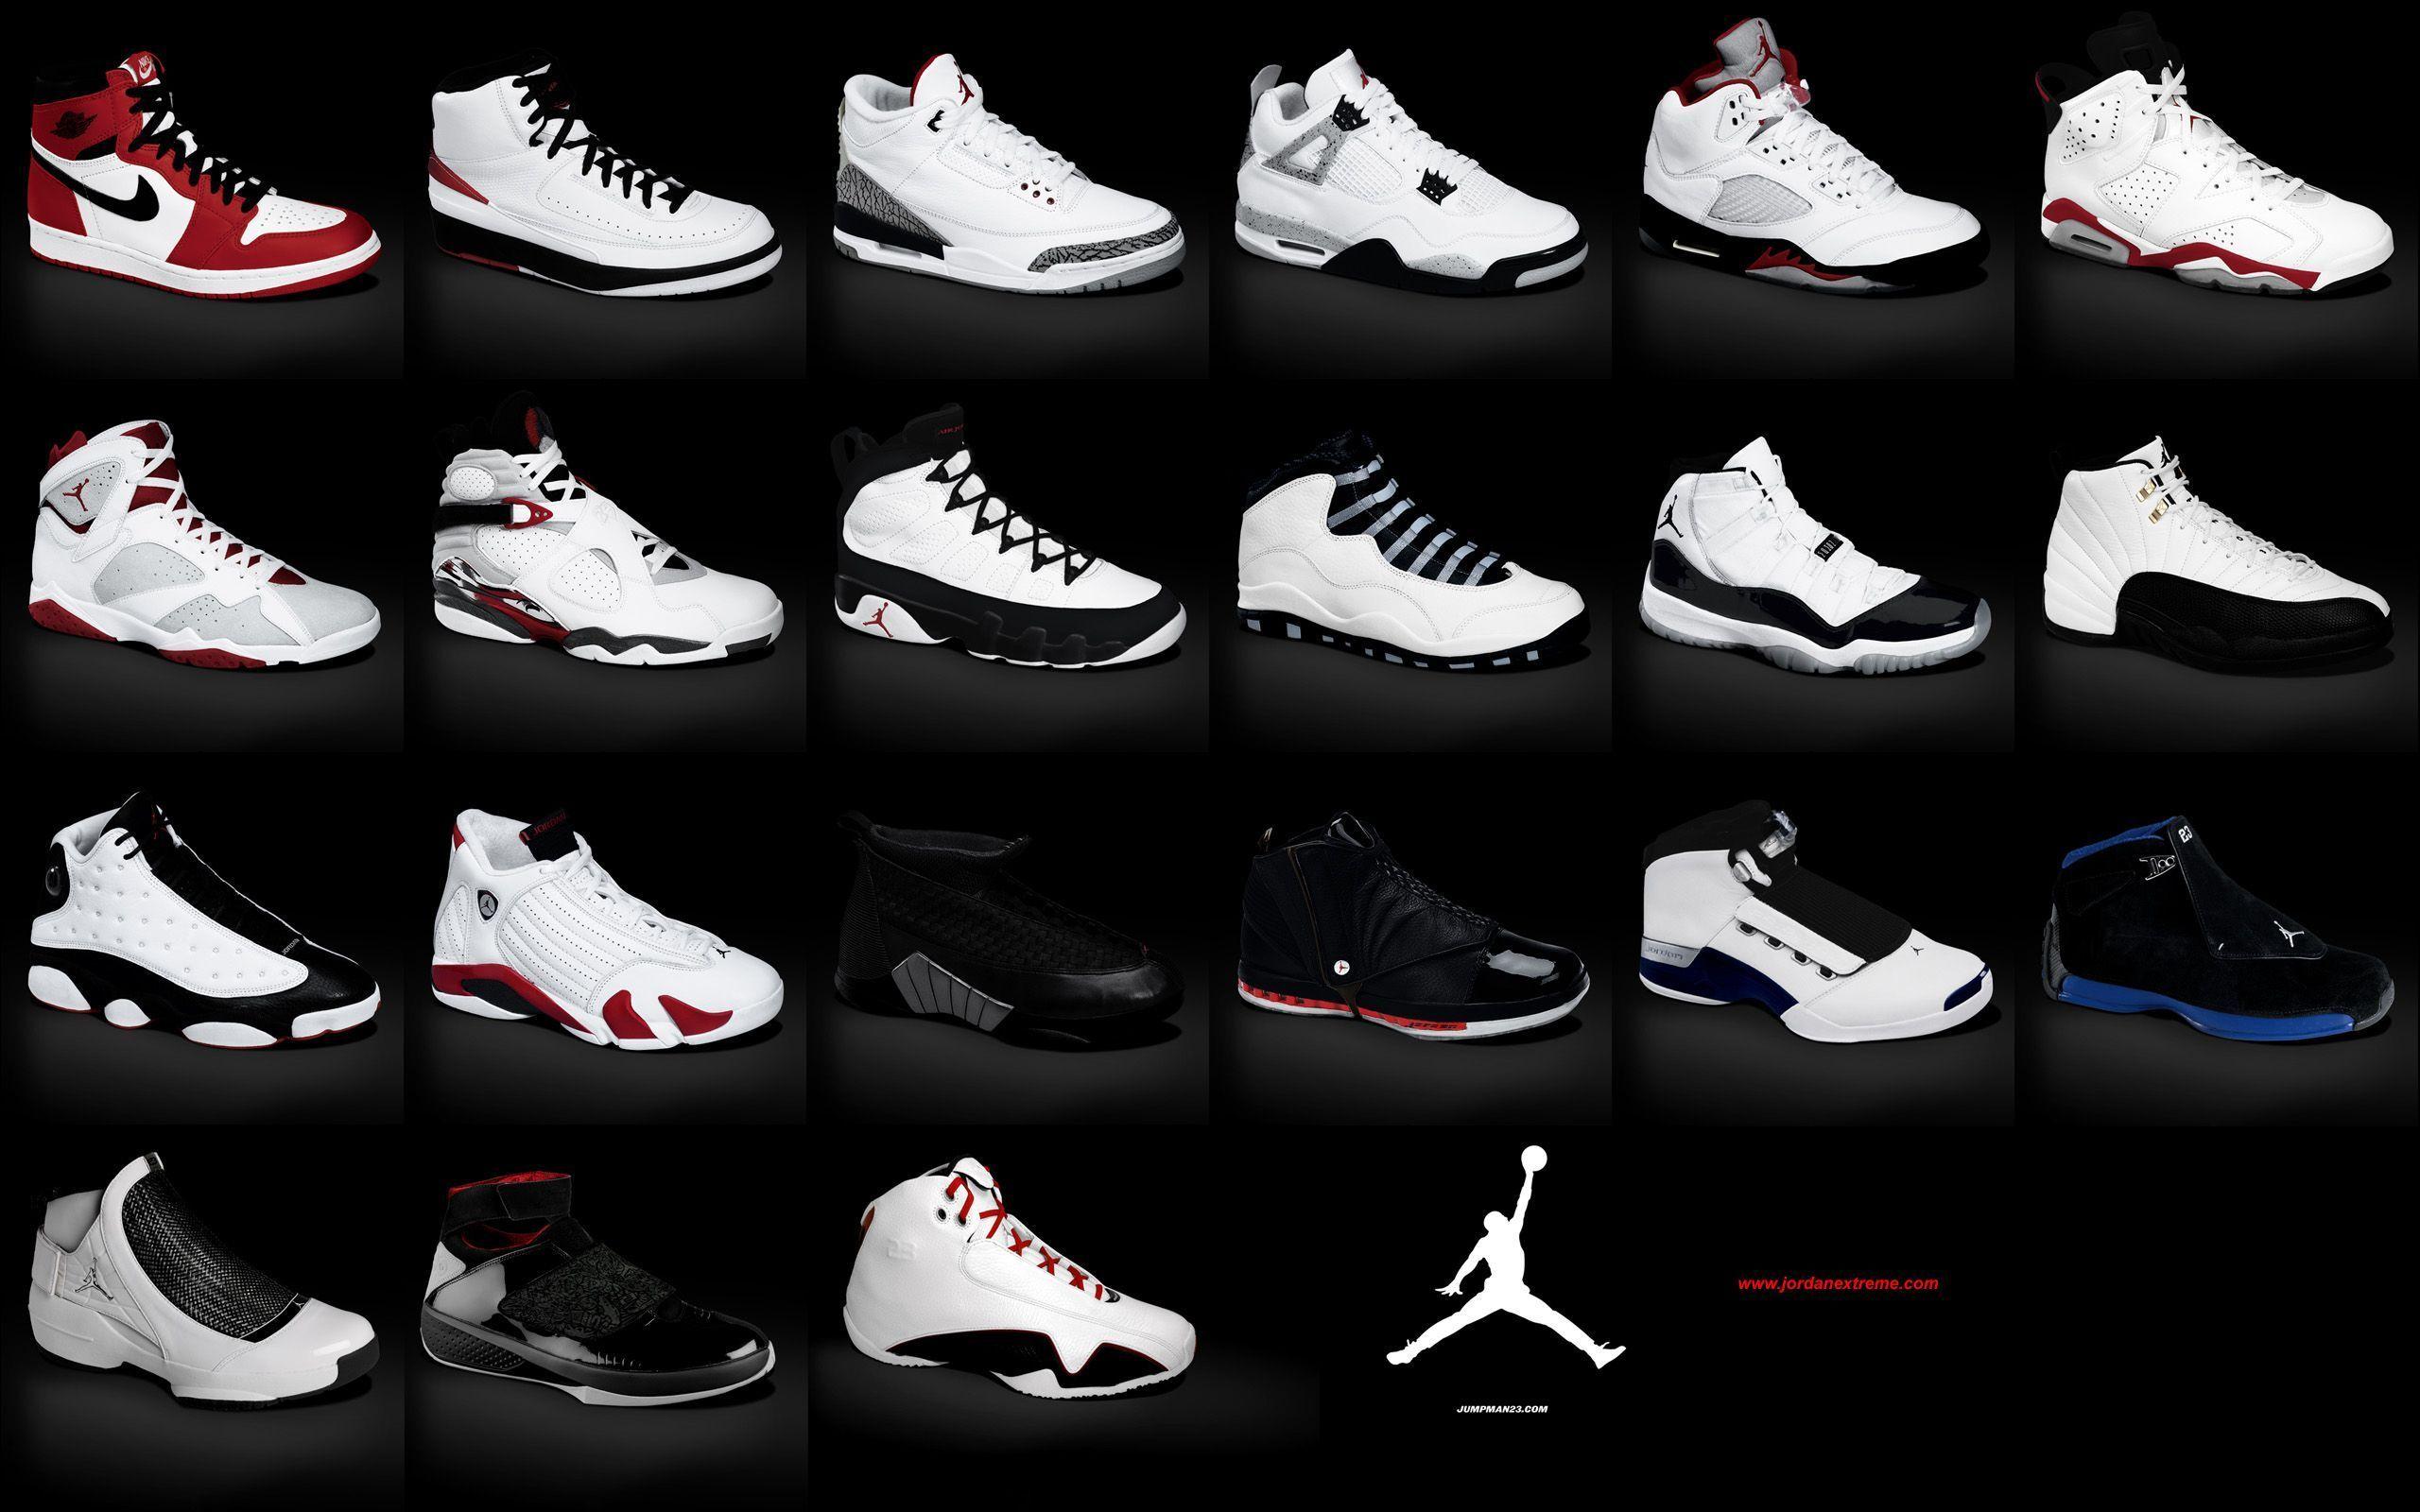 jordan shoes 1 30. air jordan shoes wallpapers - wallpaper cave | download pinterest 1 30 r